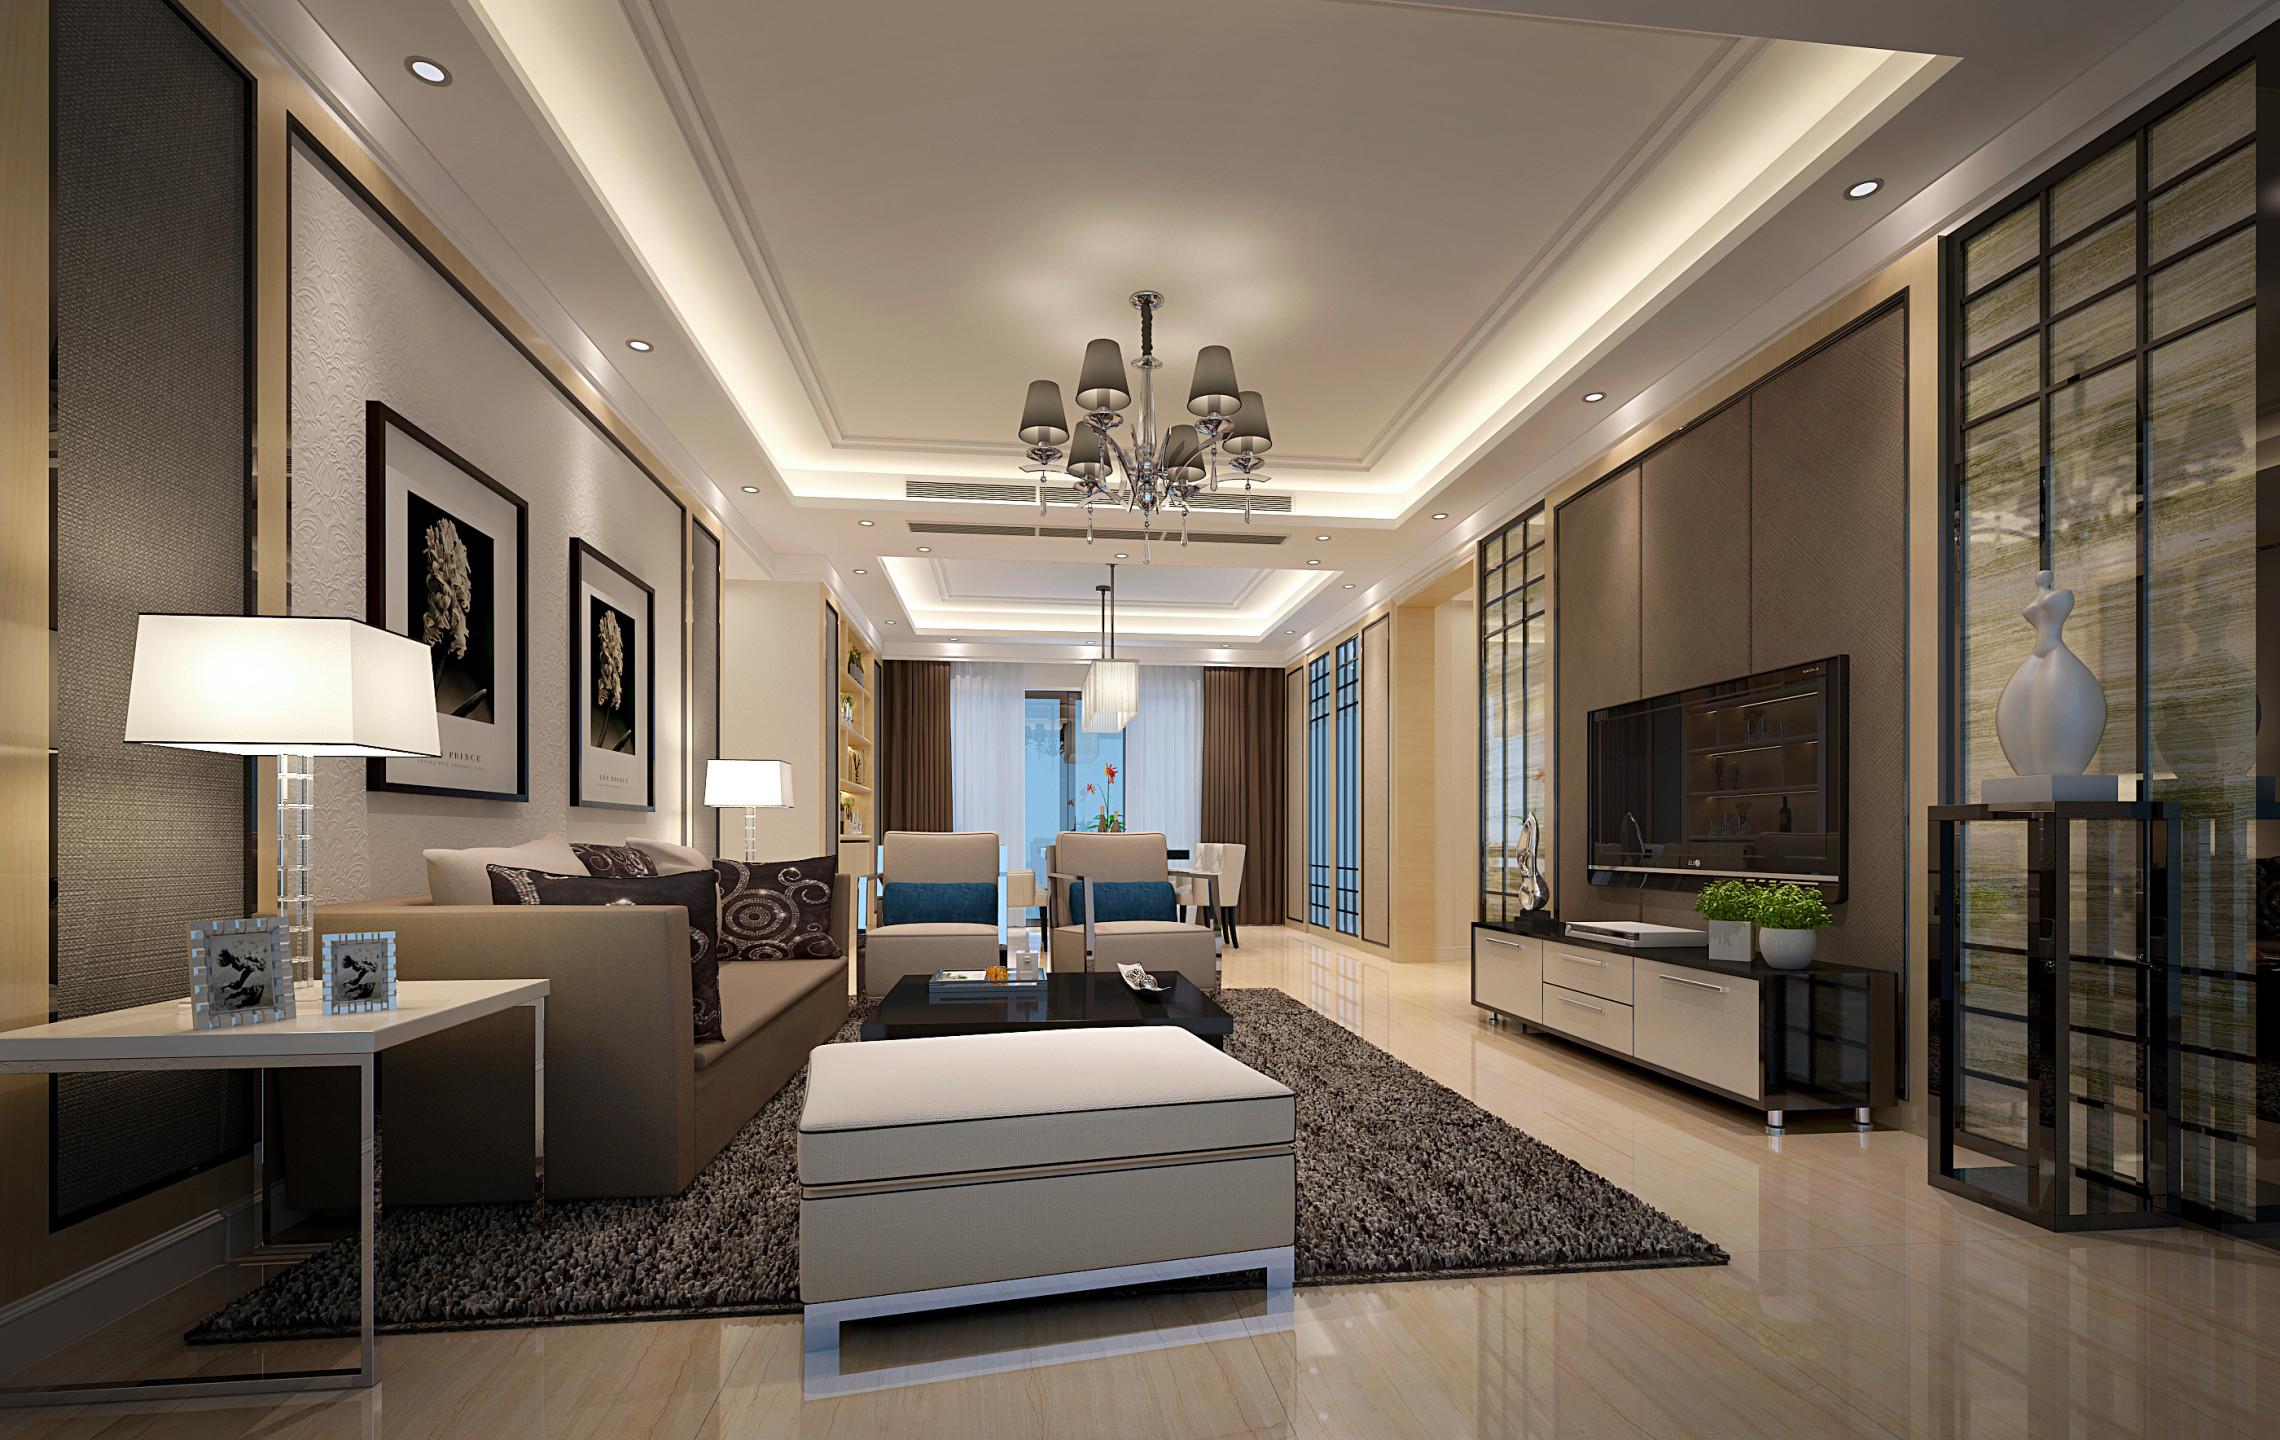 現代新中式風格室內設計裝修設計新房裝修別墅裝修效果圖制作